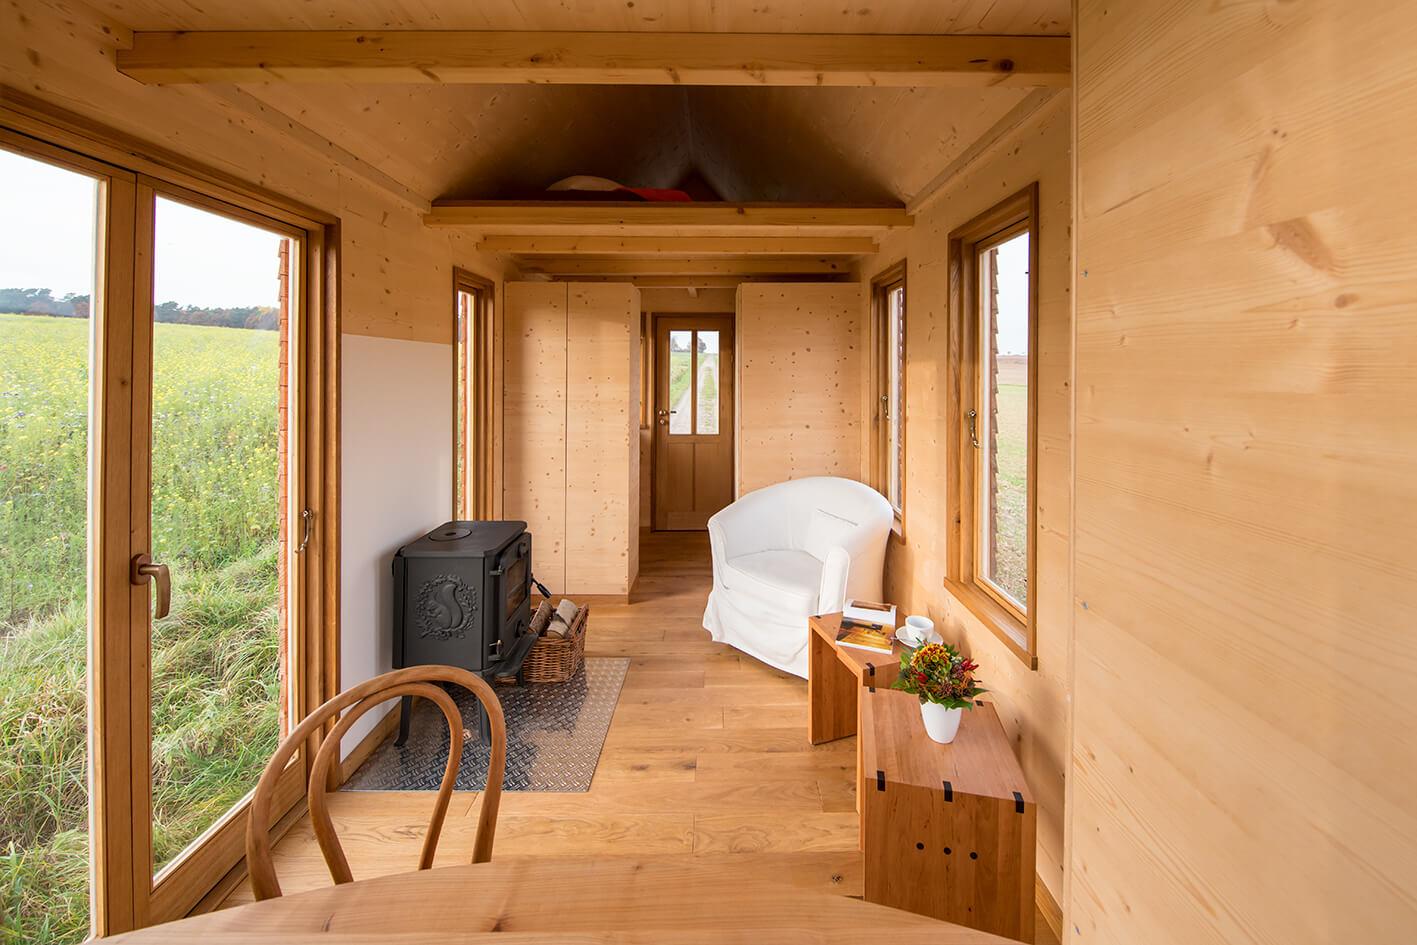 Das Bild zeigt ein Tiny House von innen. Zu sehen ist ein Tiny House on Wheels mit einem Wohnbereich und Schlafbereich.